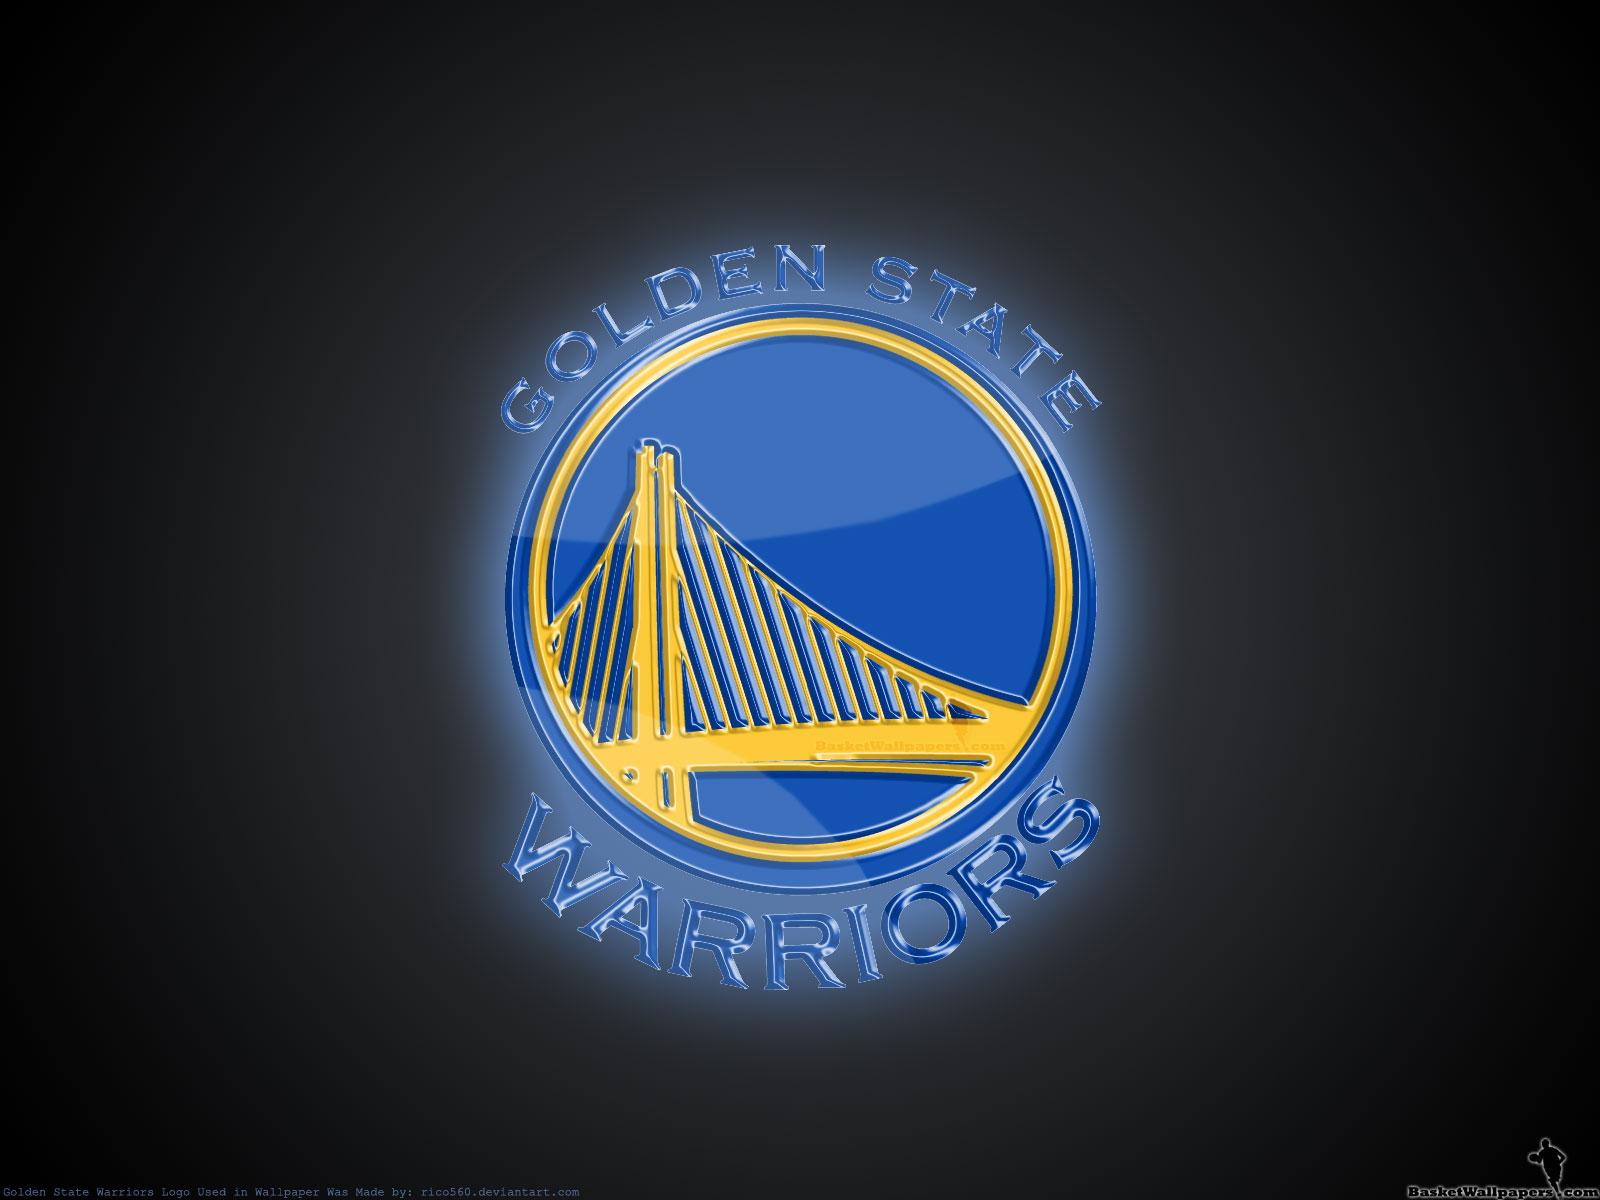 Golden State Warriors Logo wallpaper 199645 1600x1200